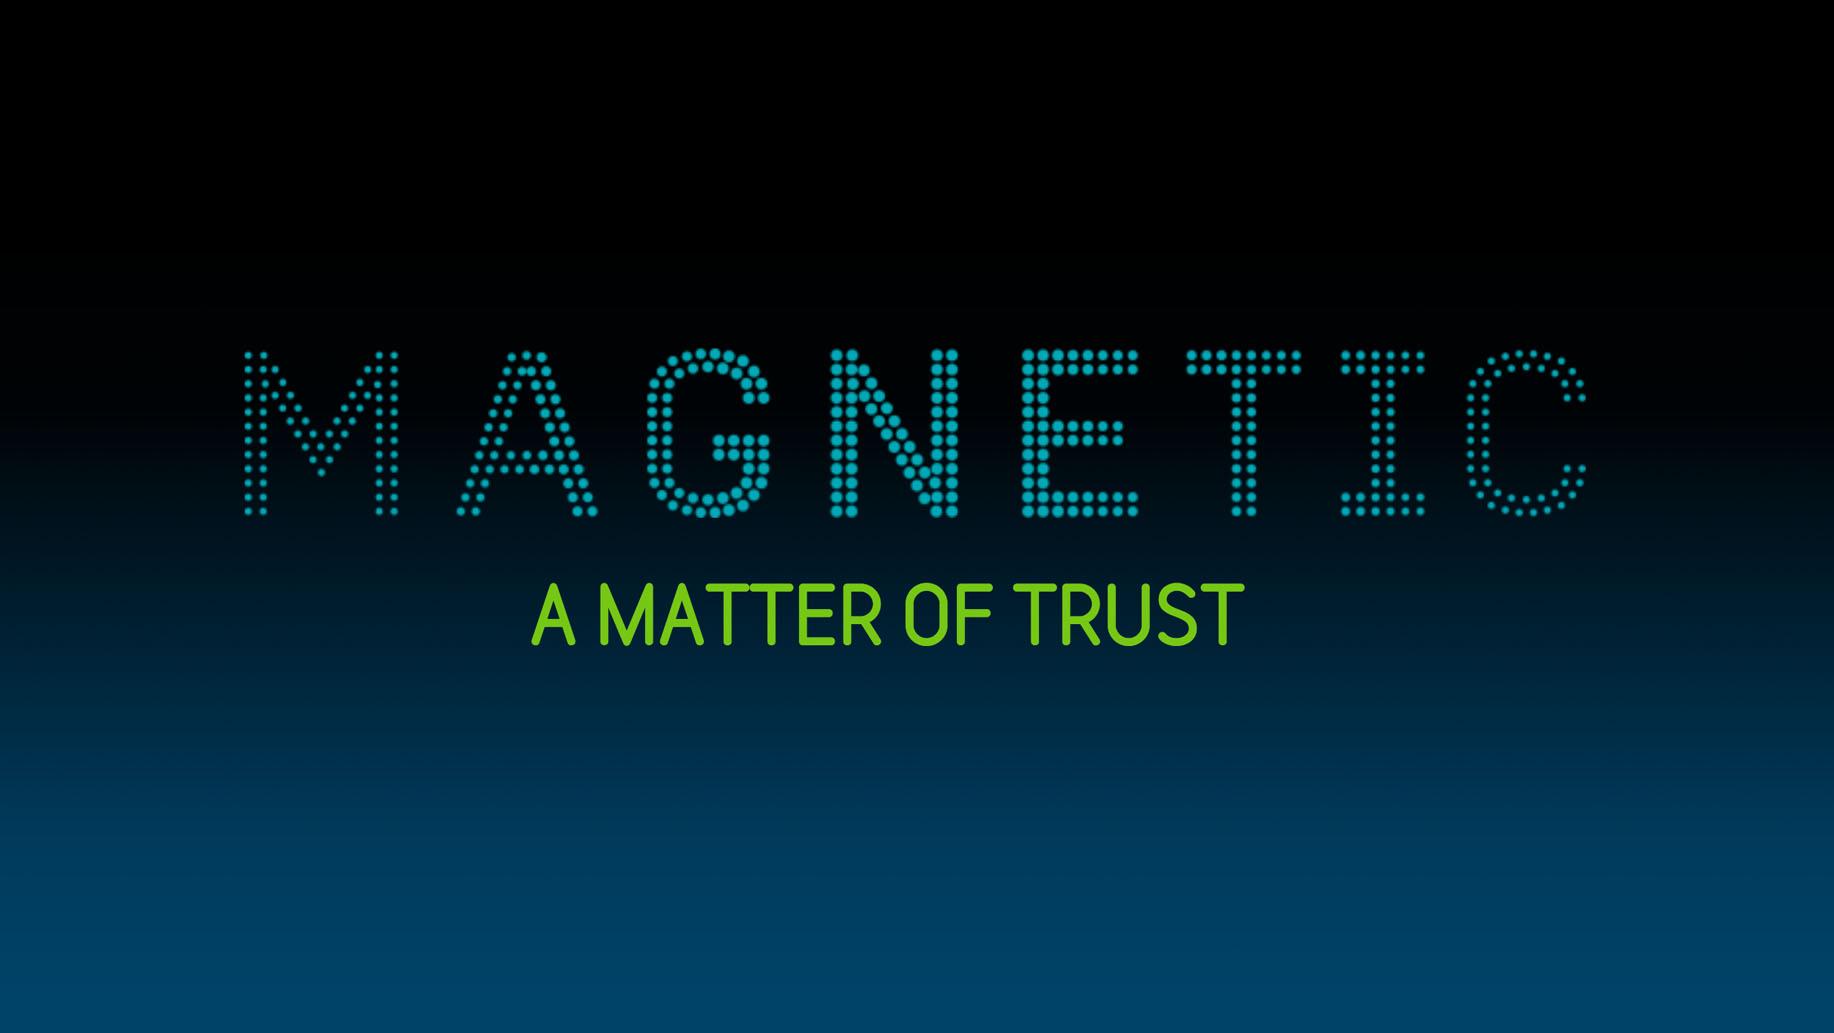 a-matter-of-trust-1